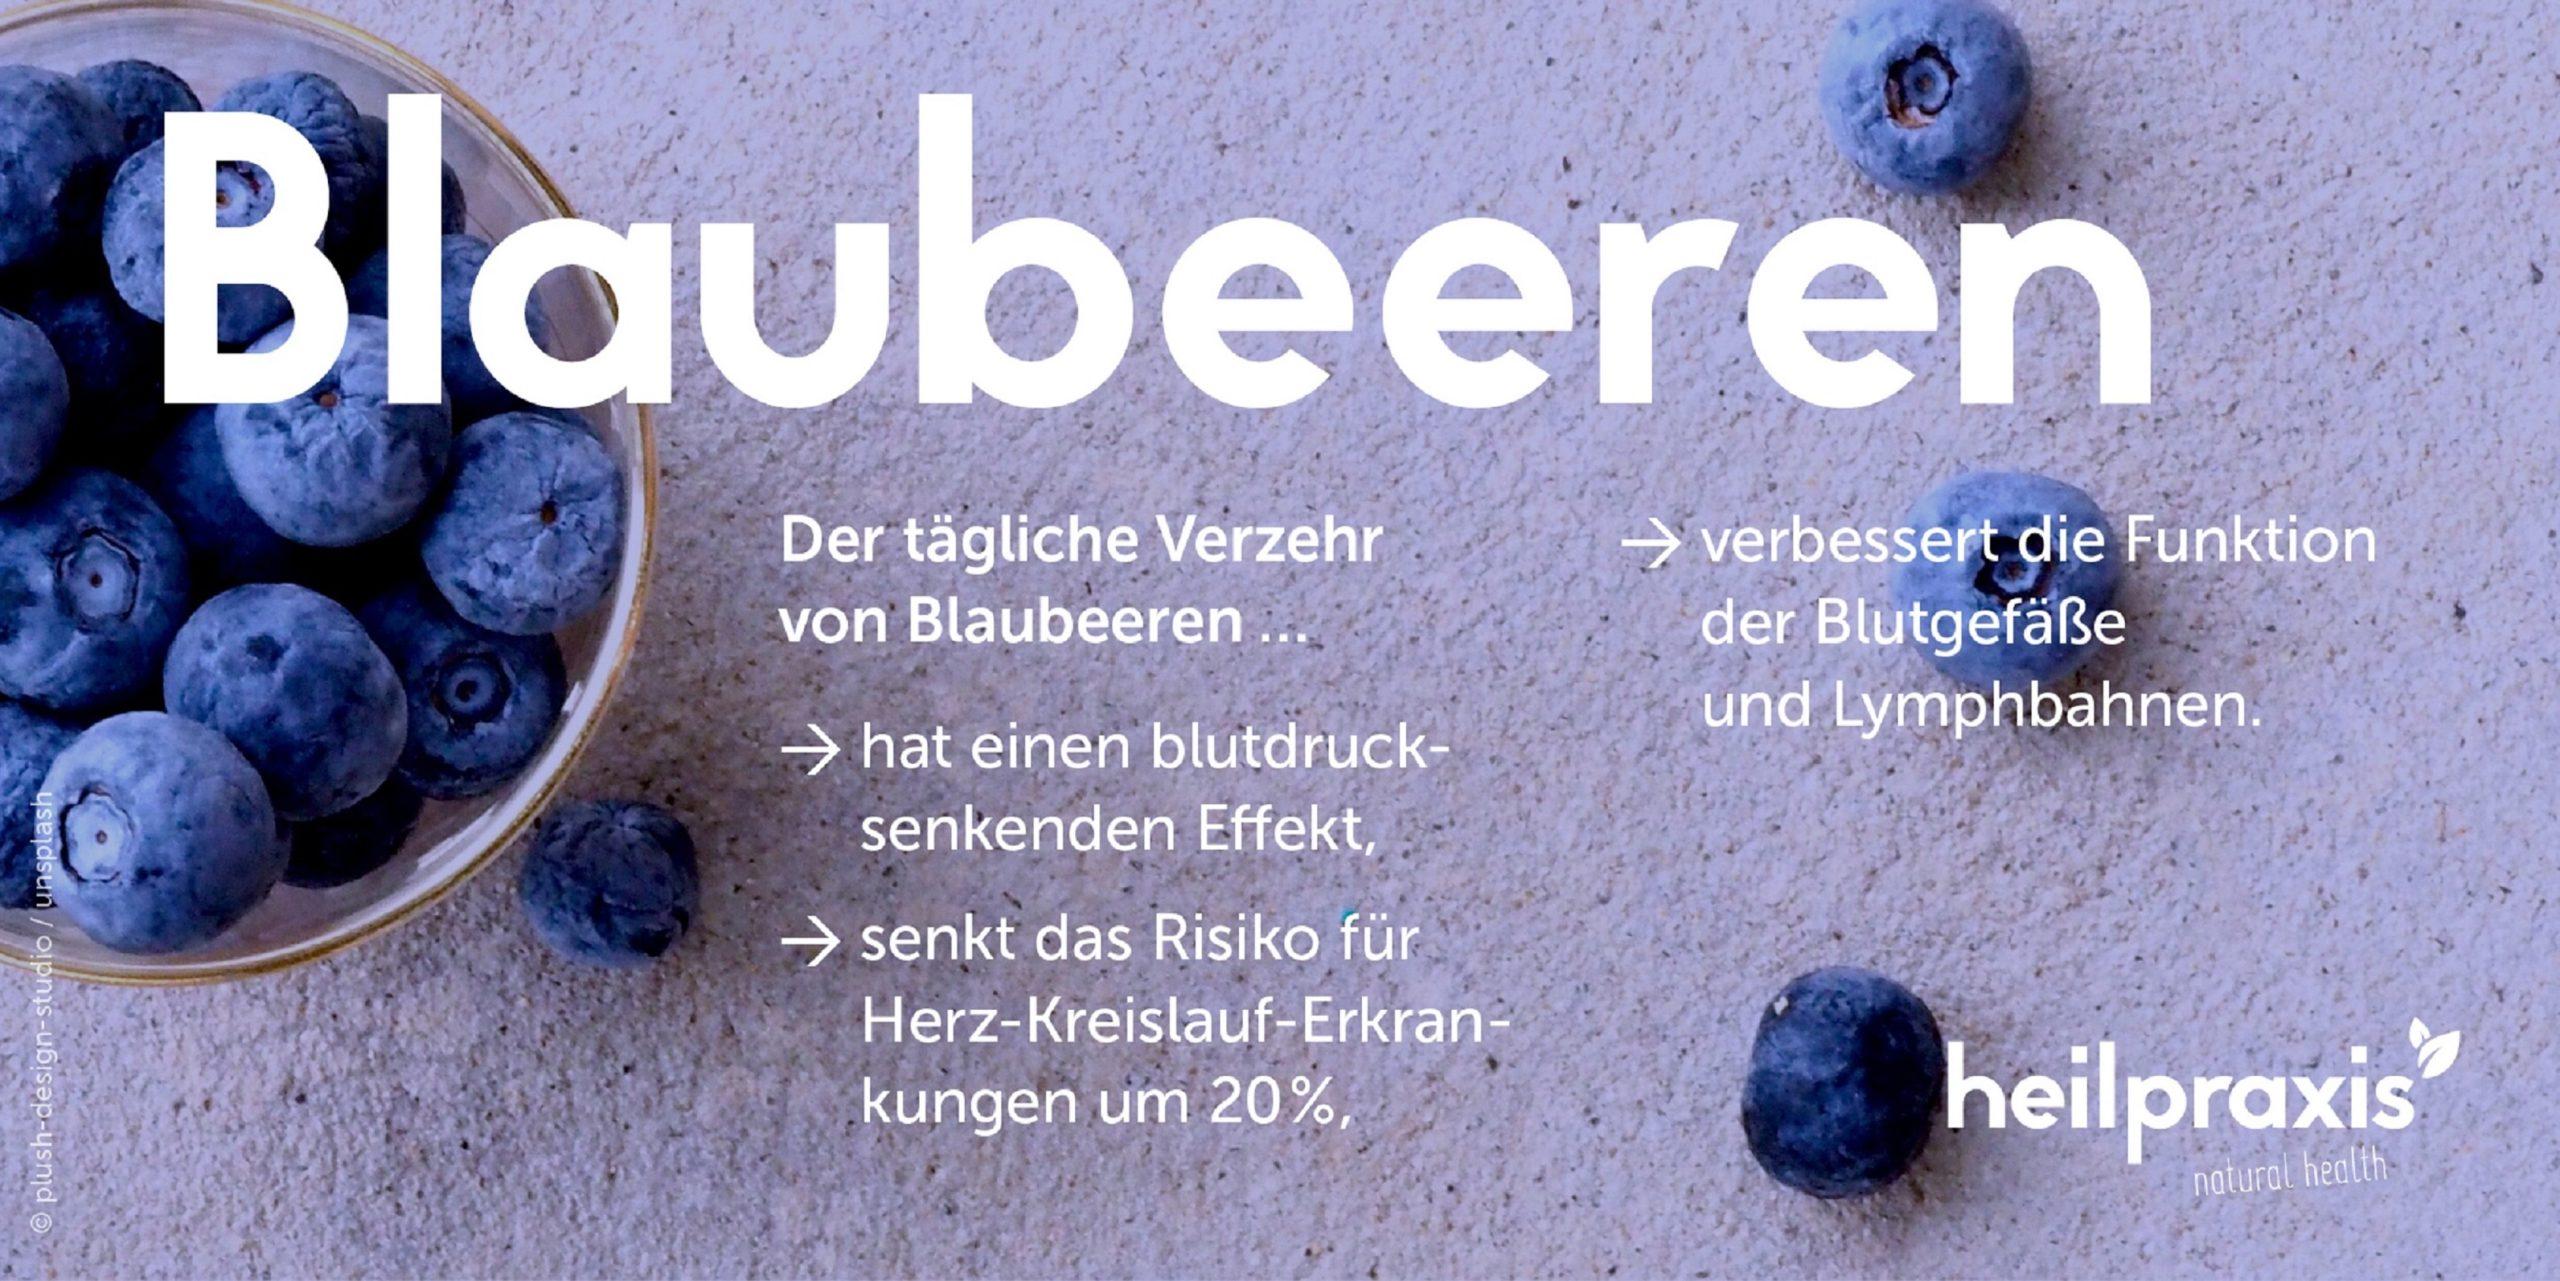 Blaubeere Übersichtsgrafik mit einer Auflistung der Inhaltsstoffe und Wirkungen.